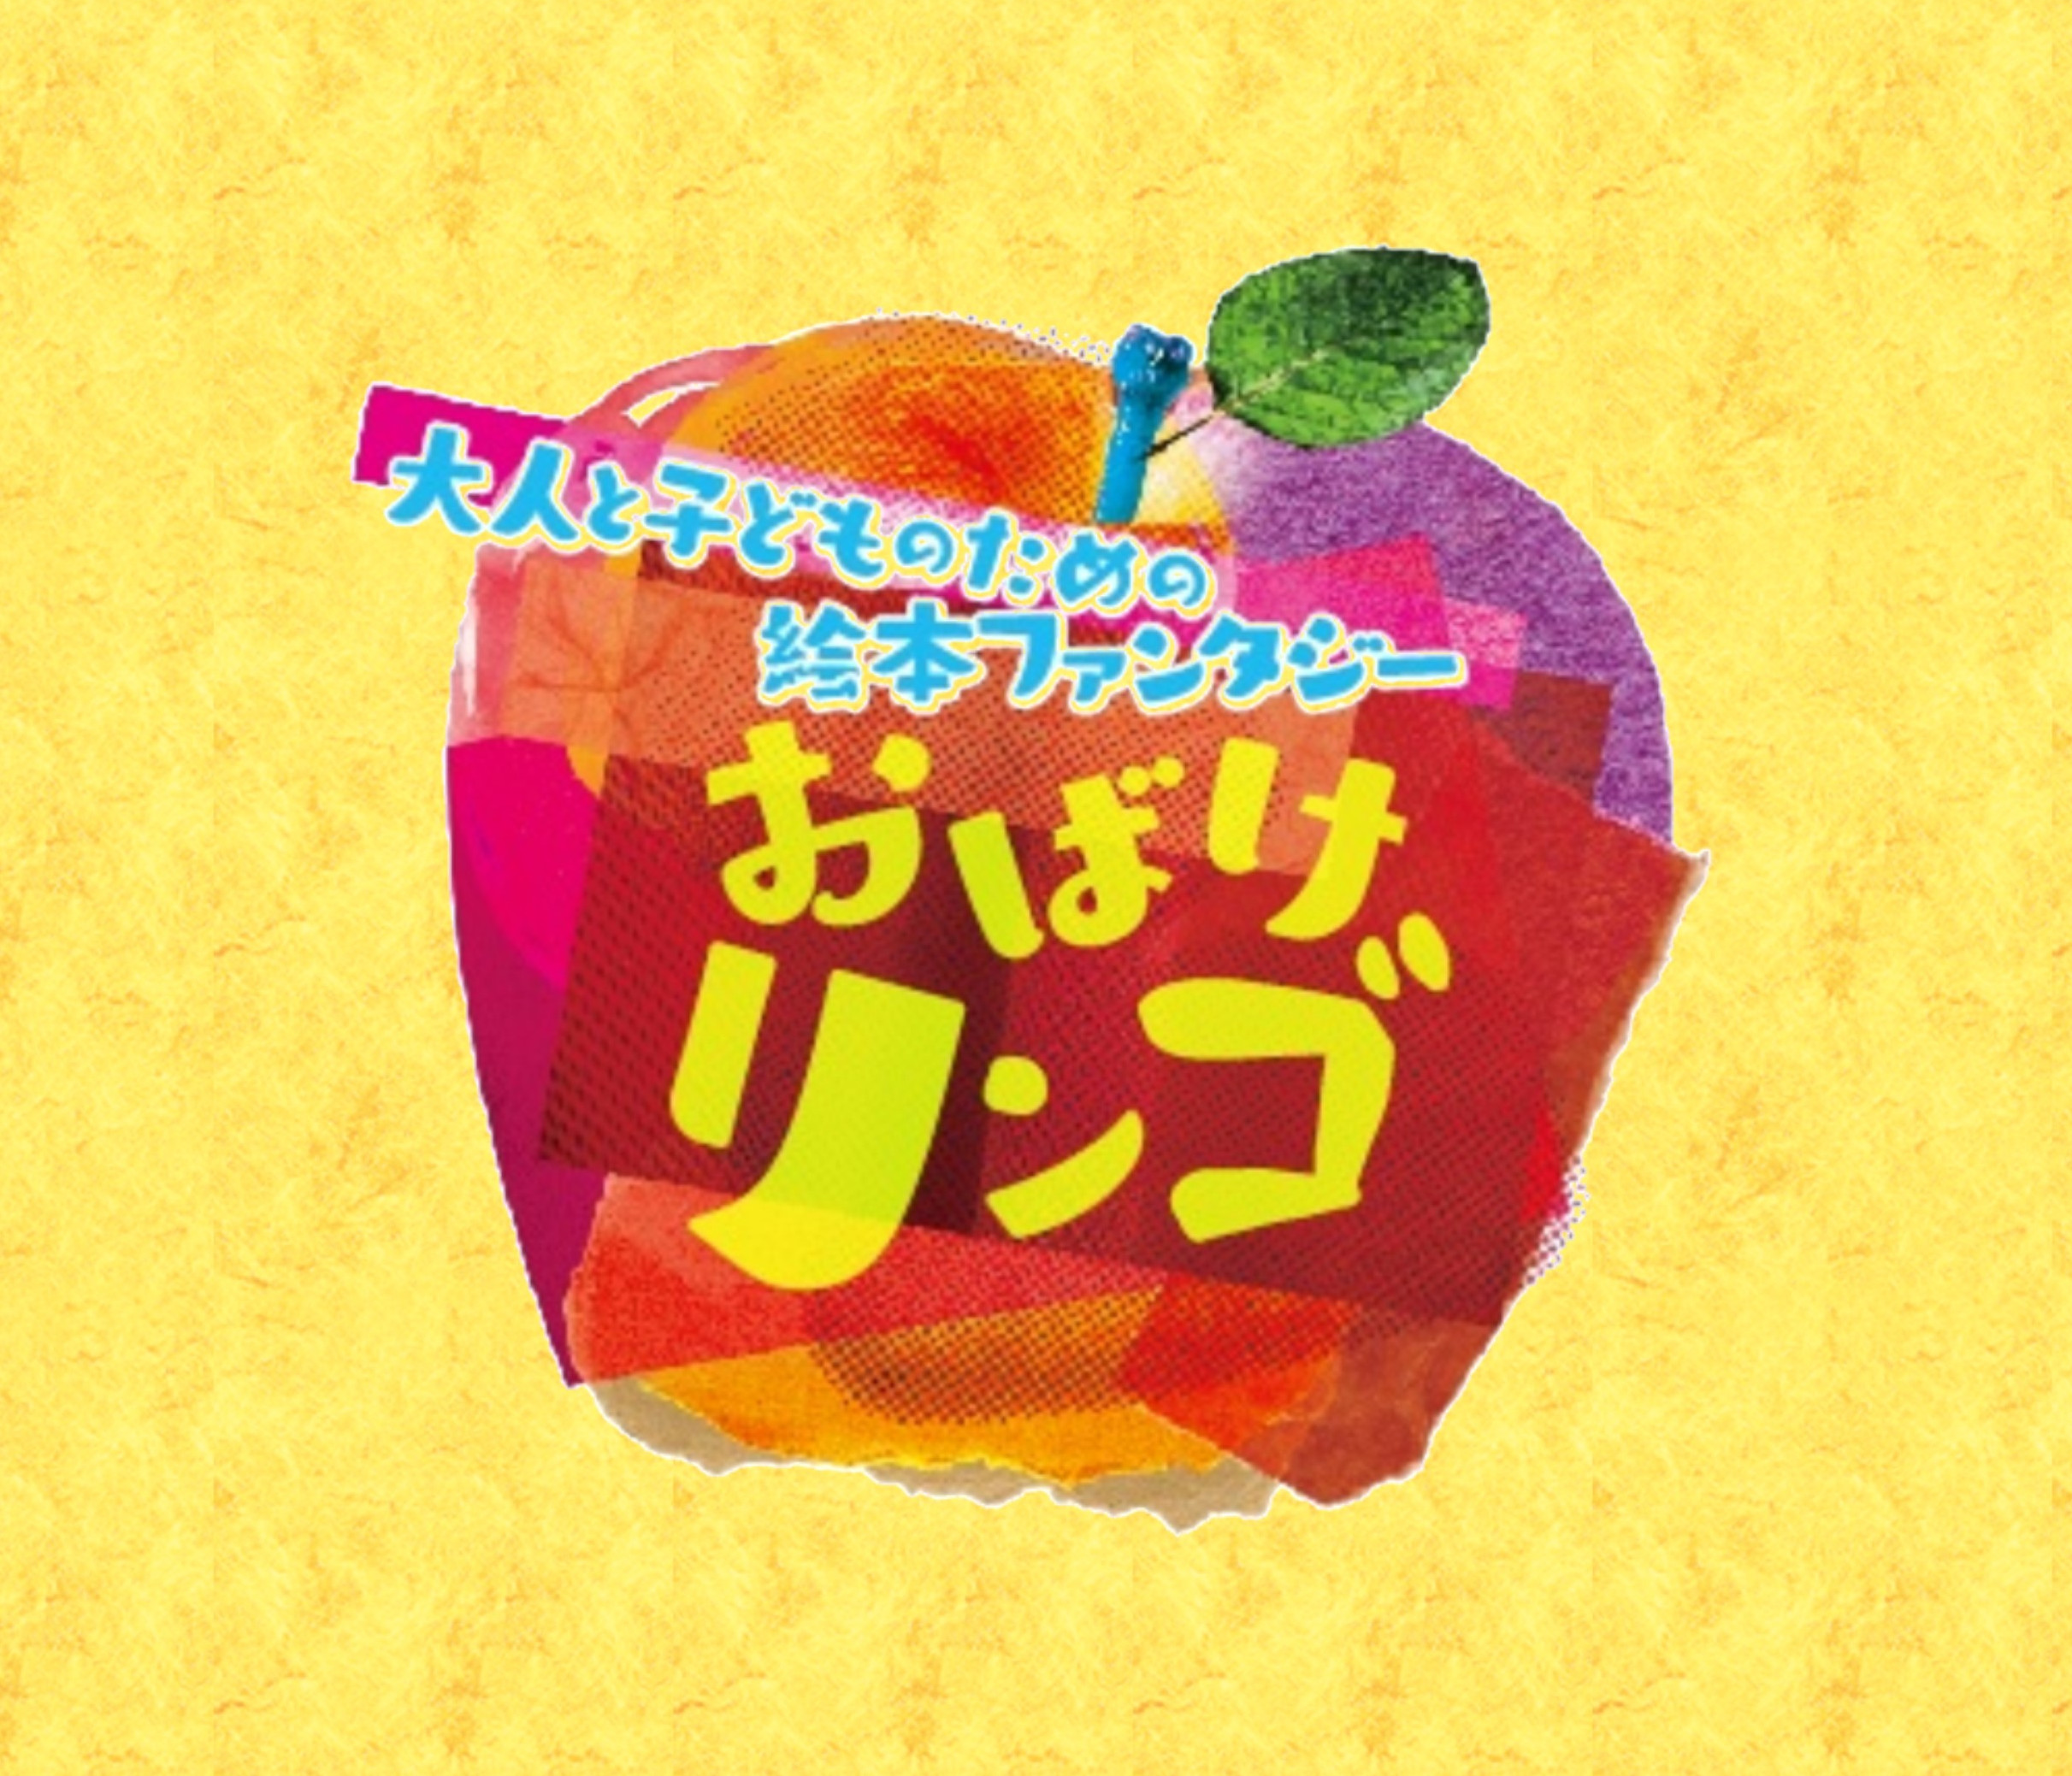 大人と子どものための絵本ファンタジー<br>おばけリンゴの画像